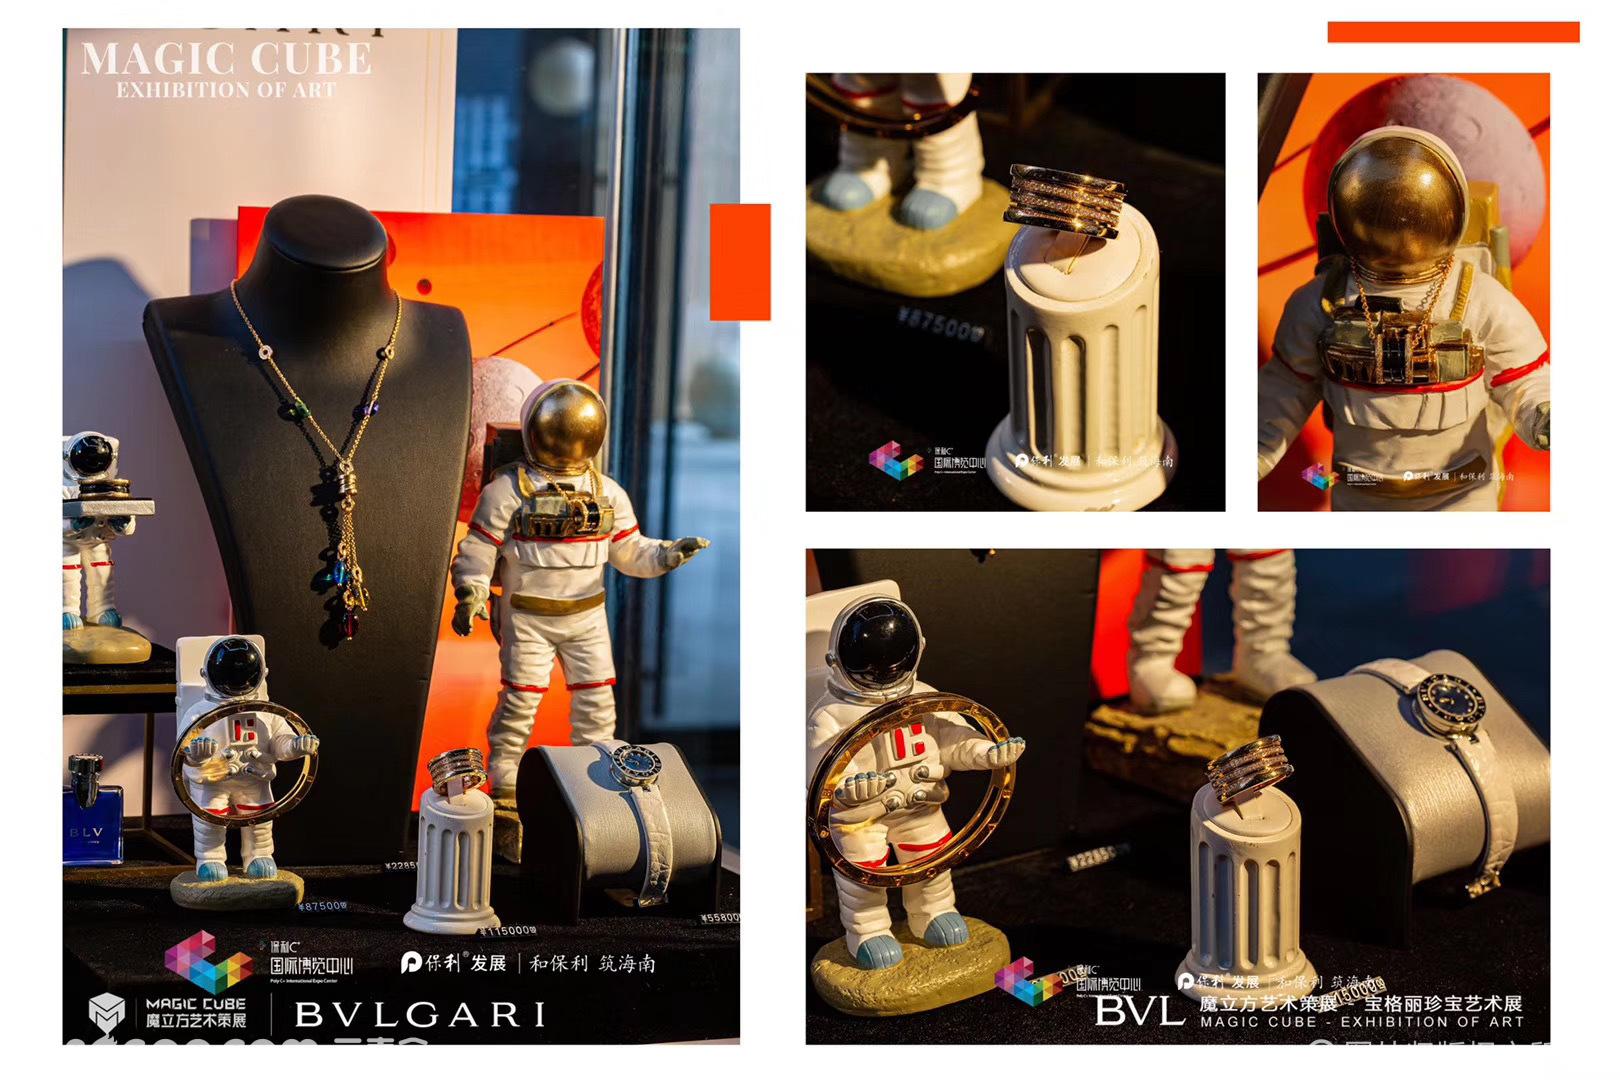 中国海南~宝格丽BVLGARL~奢侈品展